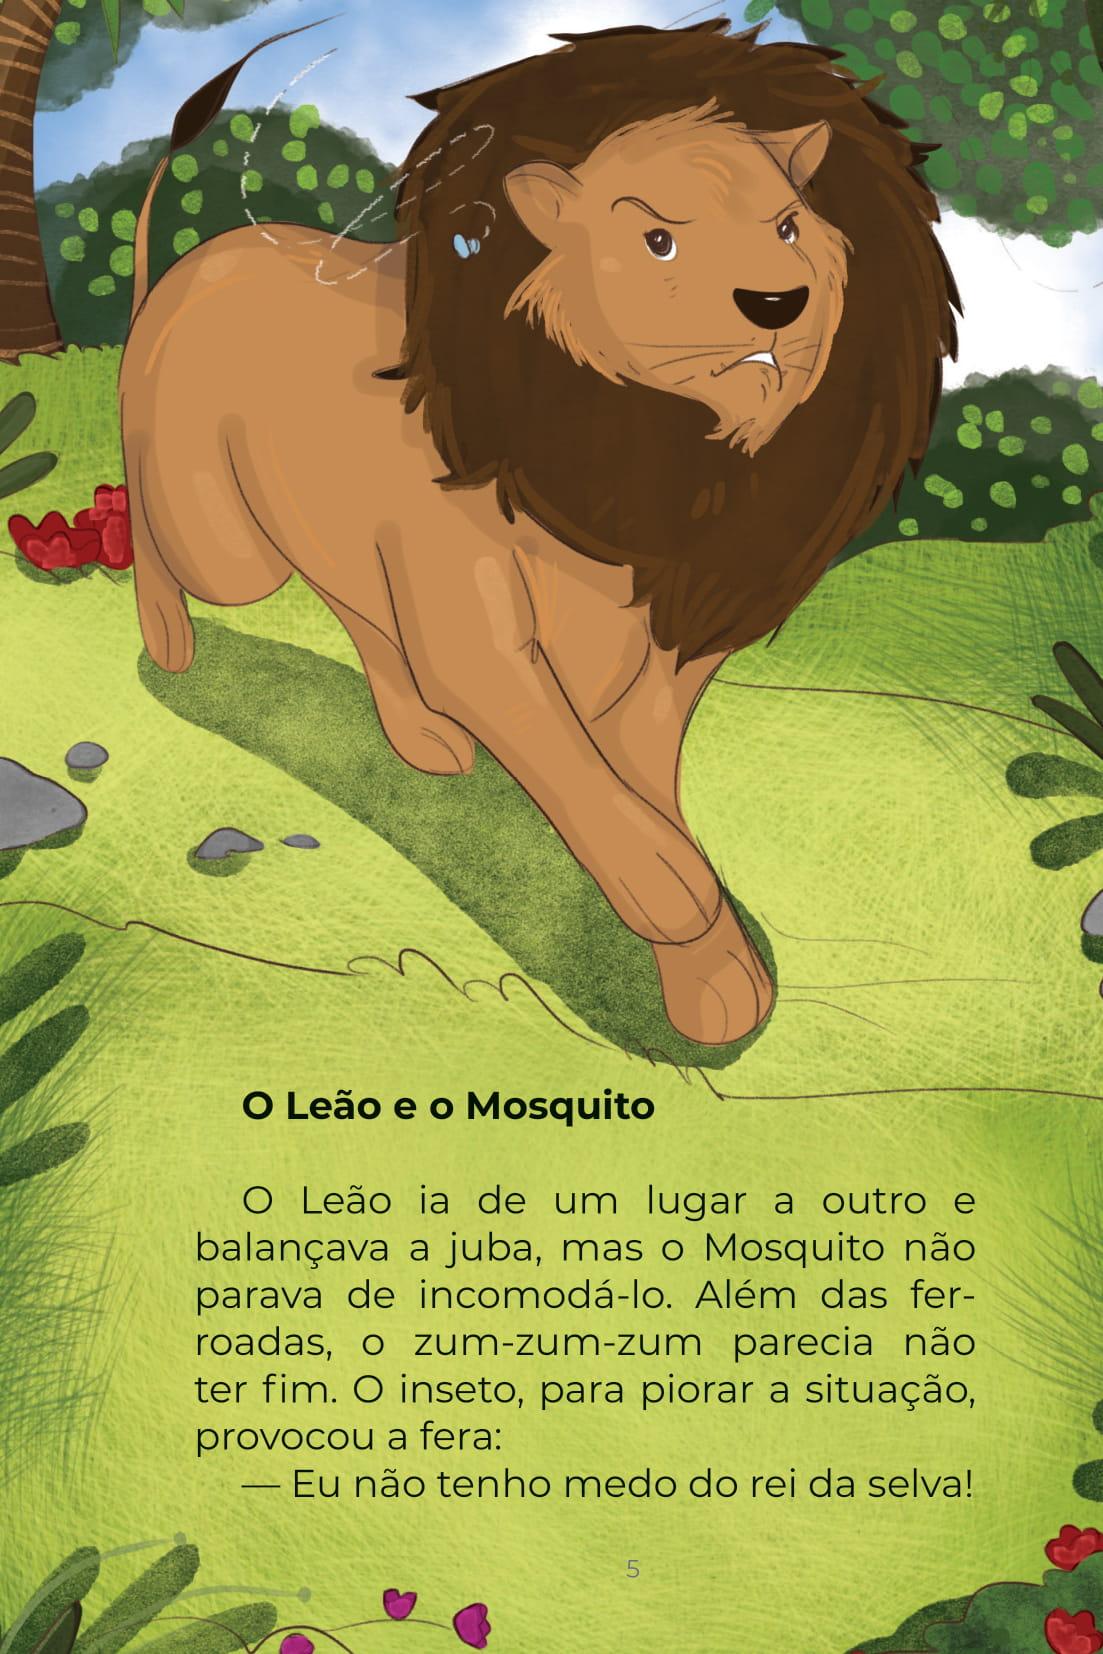 O Leão e o Mosquito